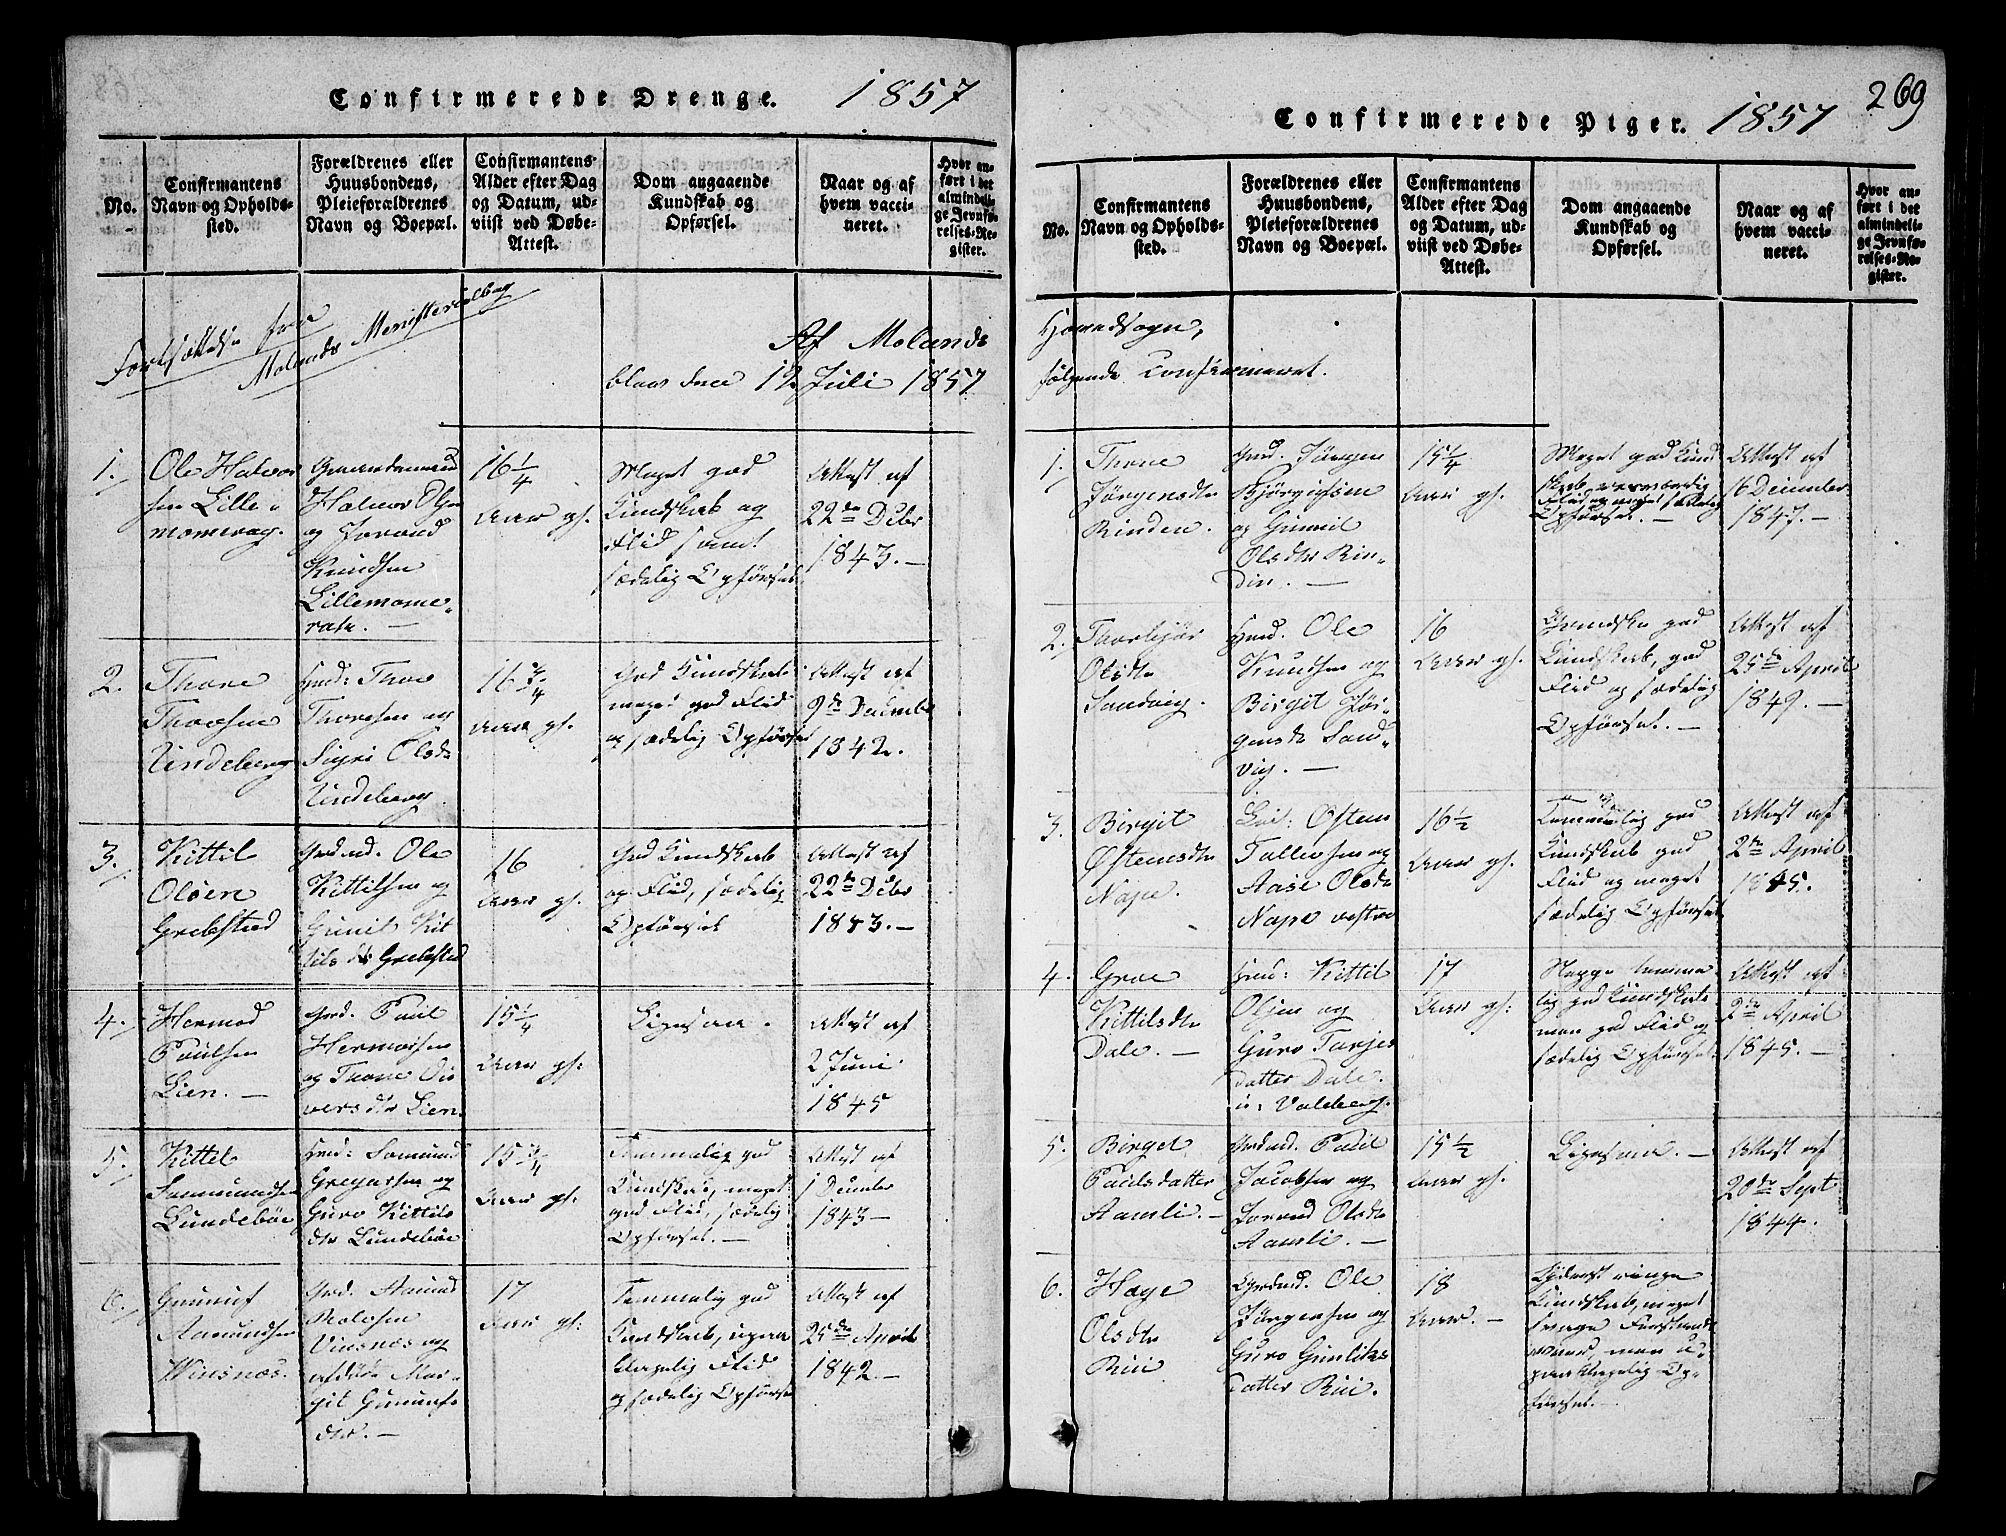 SAKO, Fyresdal kirkebøker, G/Ga/L0003: Klokkerbok nr. I 3, 1815-1863, s. 269